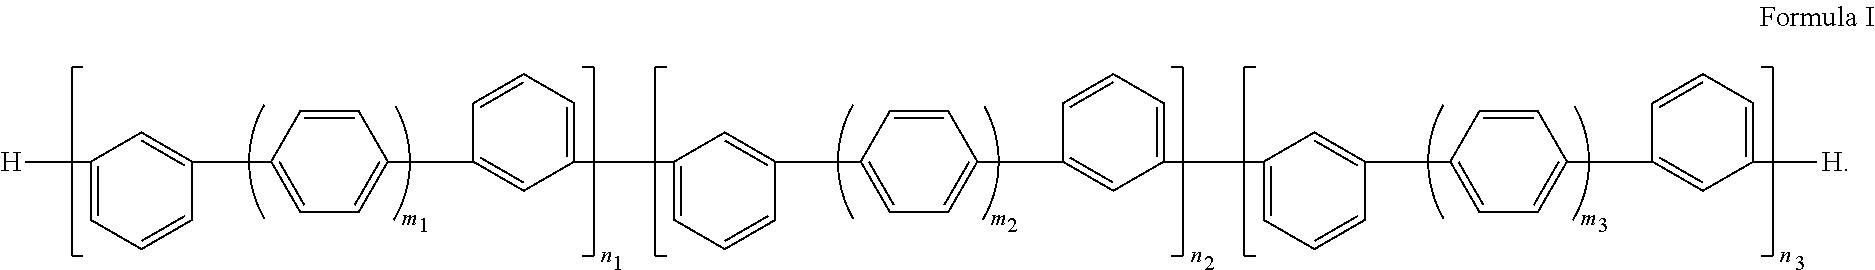 Figure US09224958-20151229-C00003